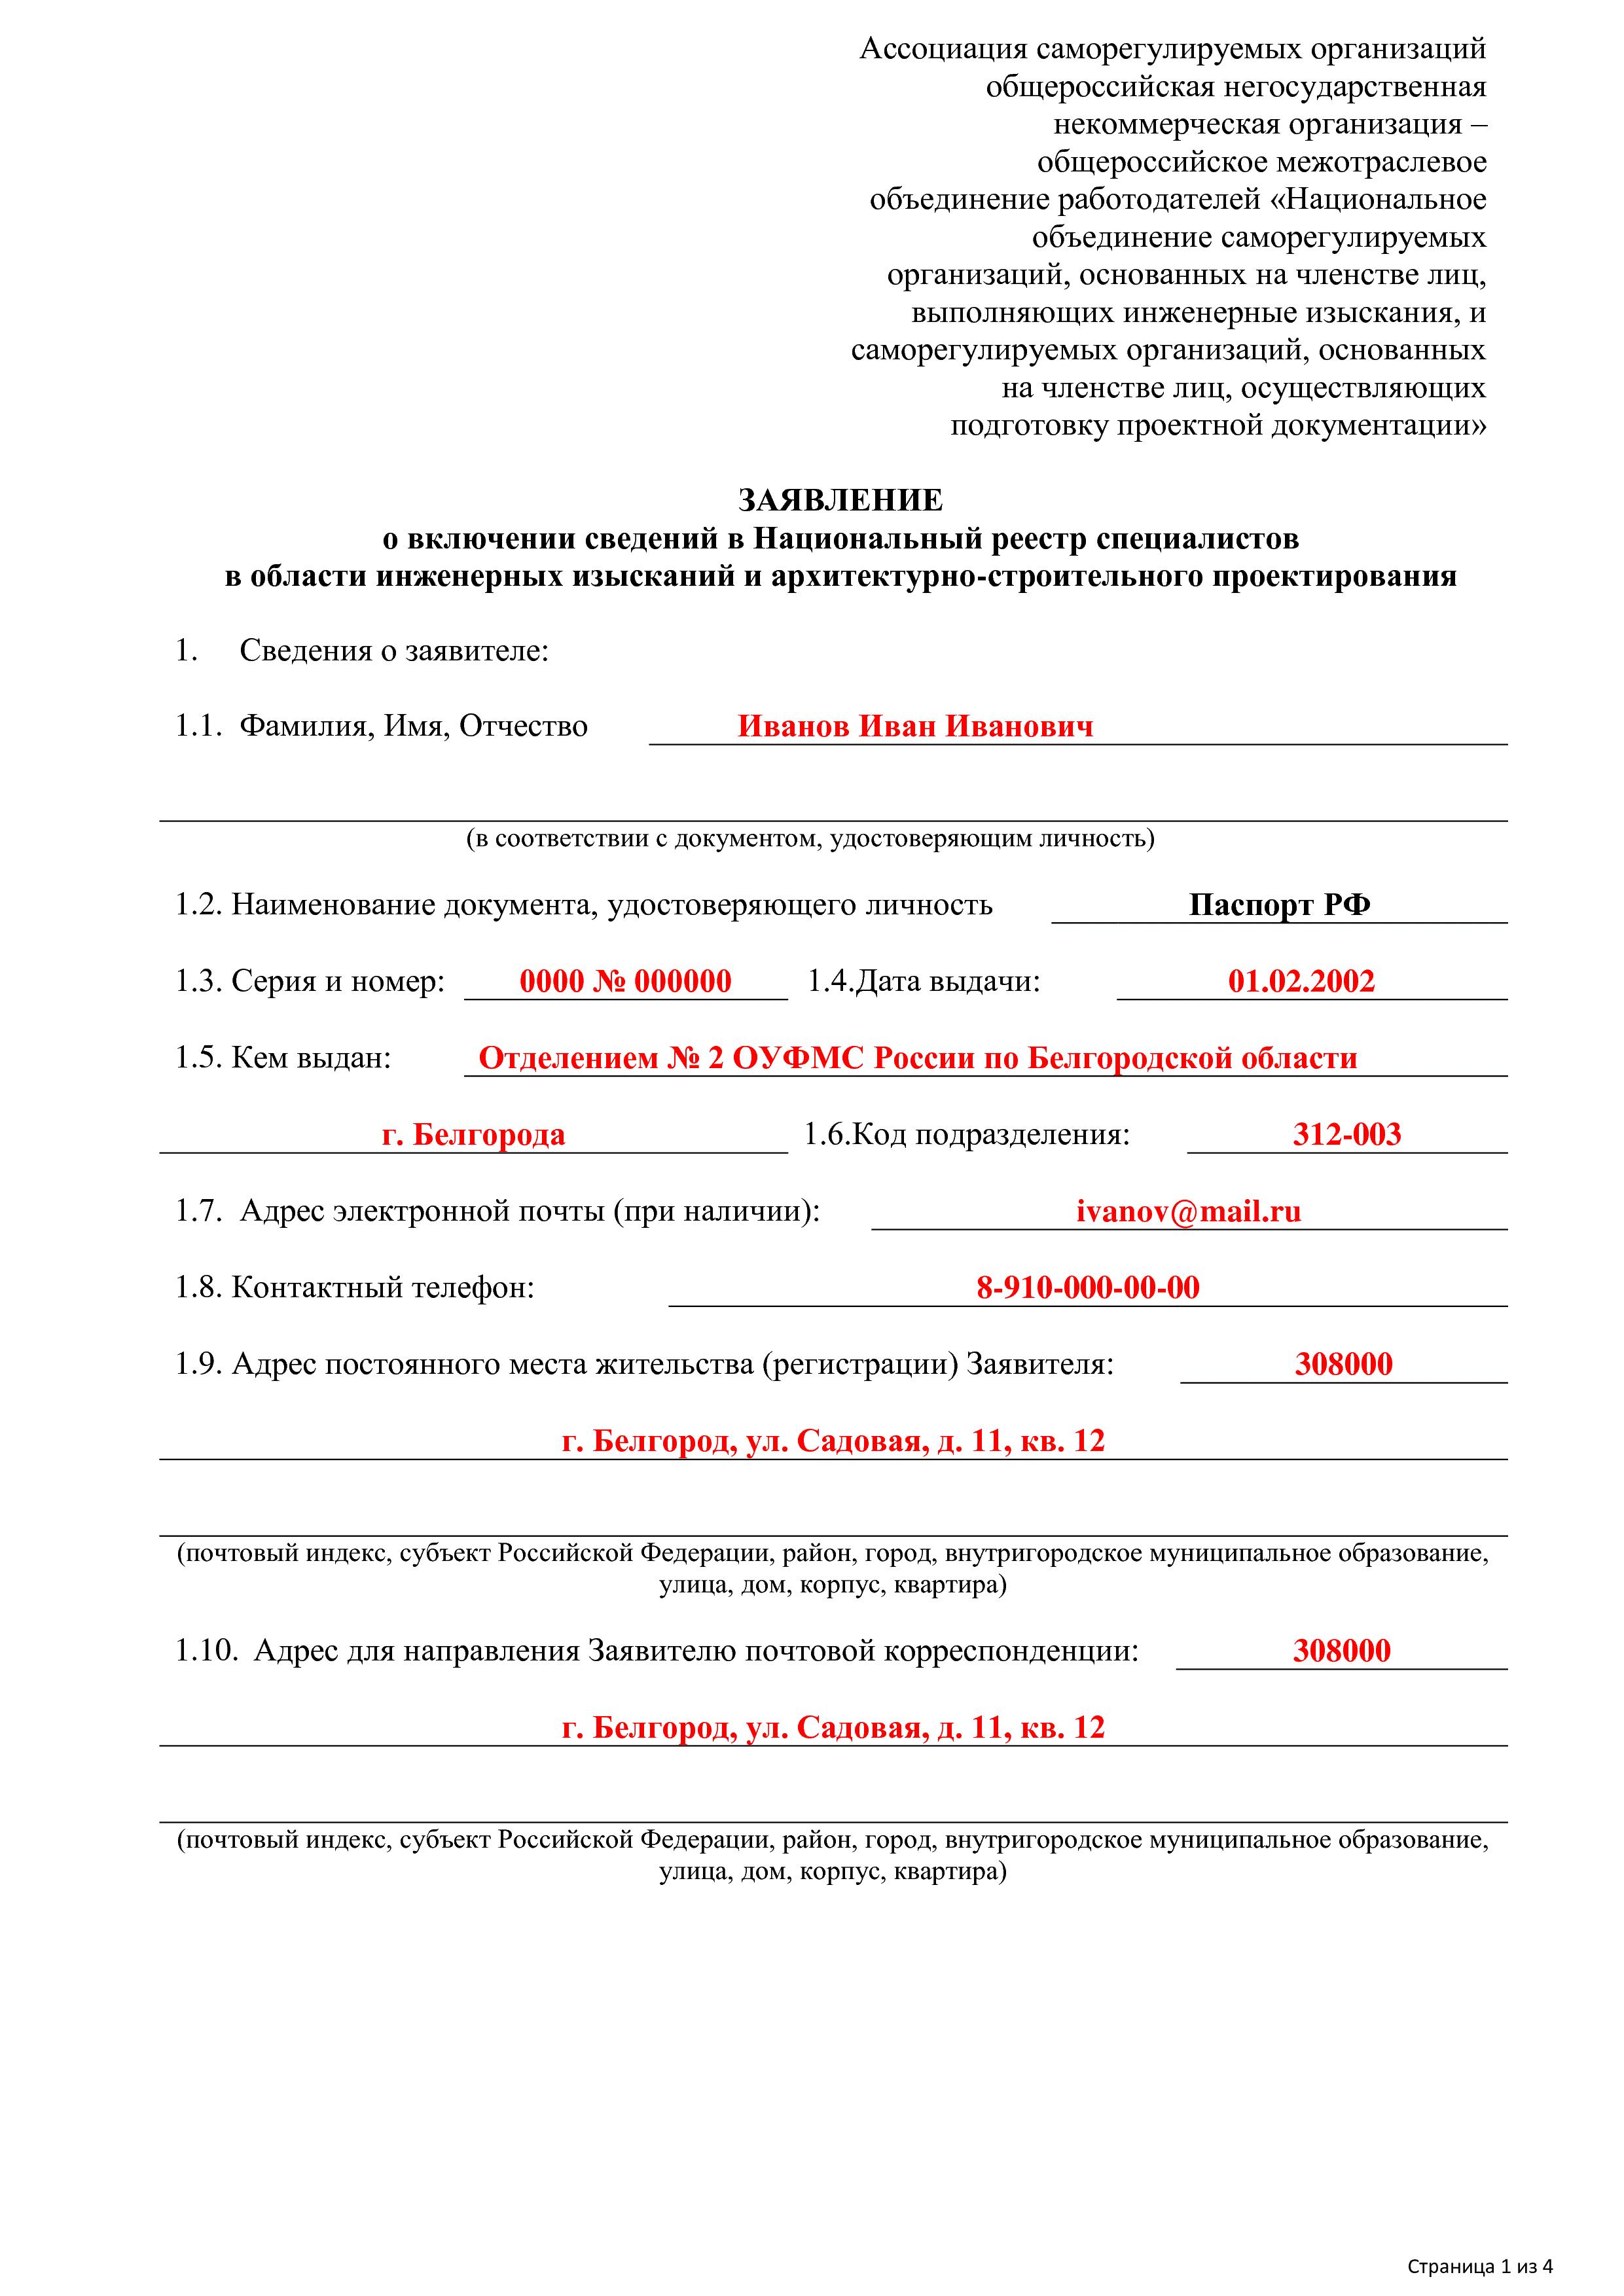 Образец заявления на подачу спецов в НОПРИЗ